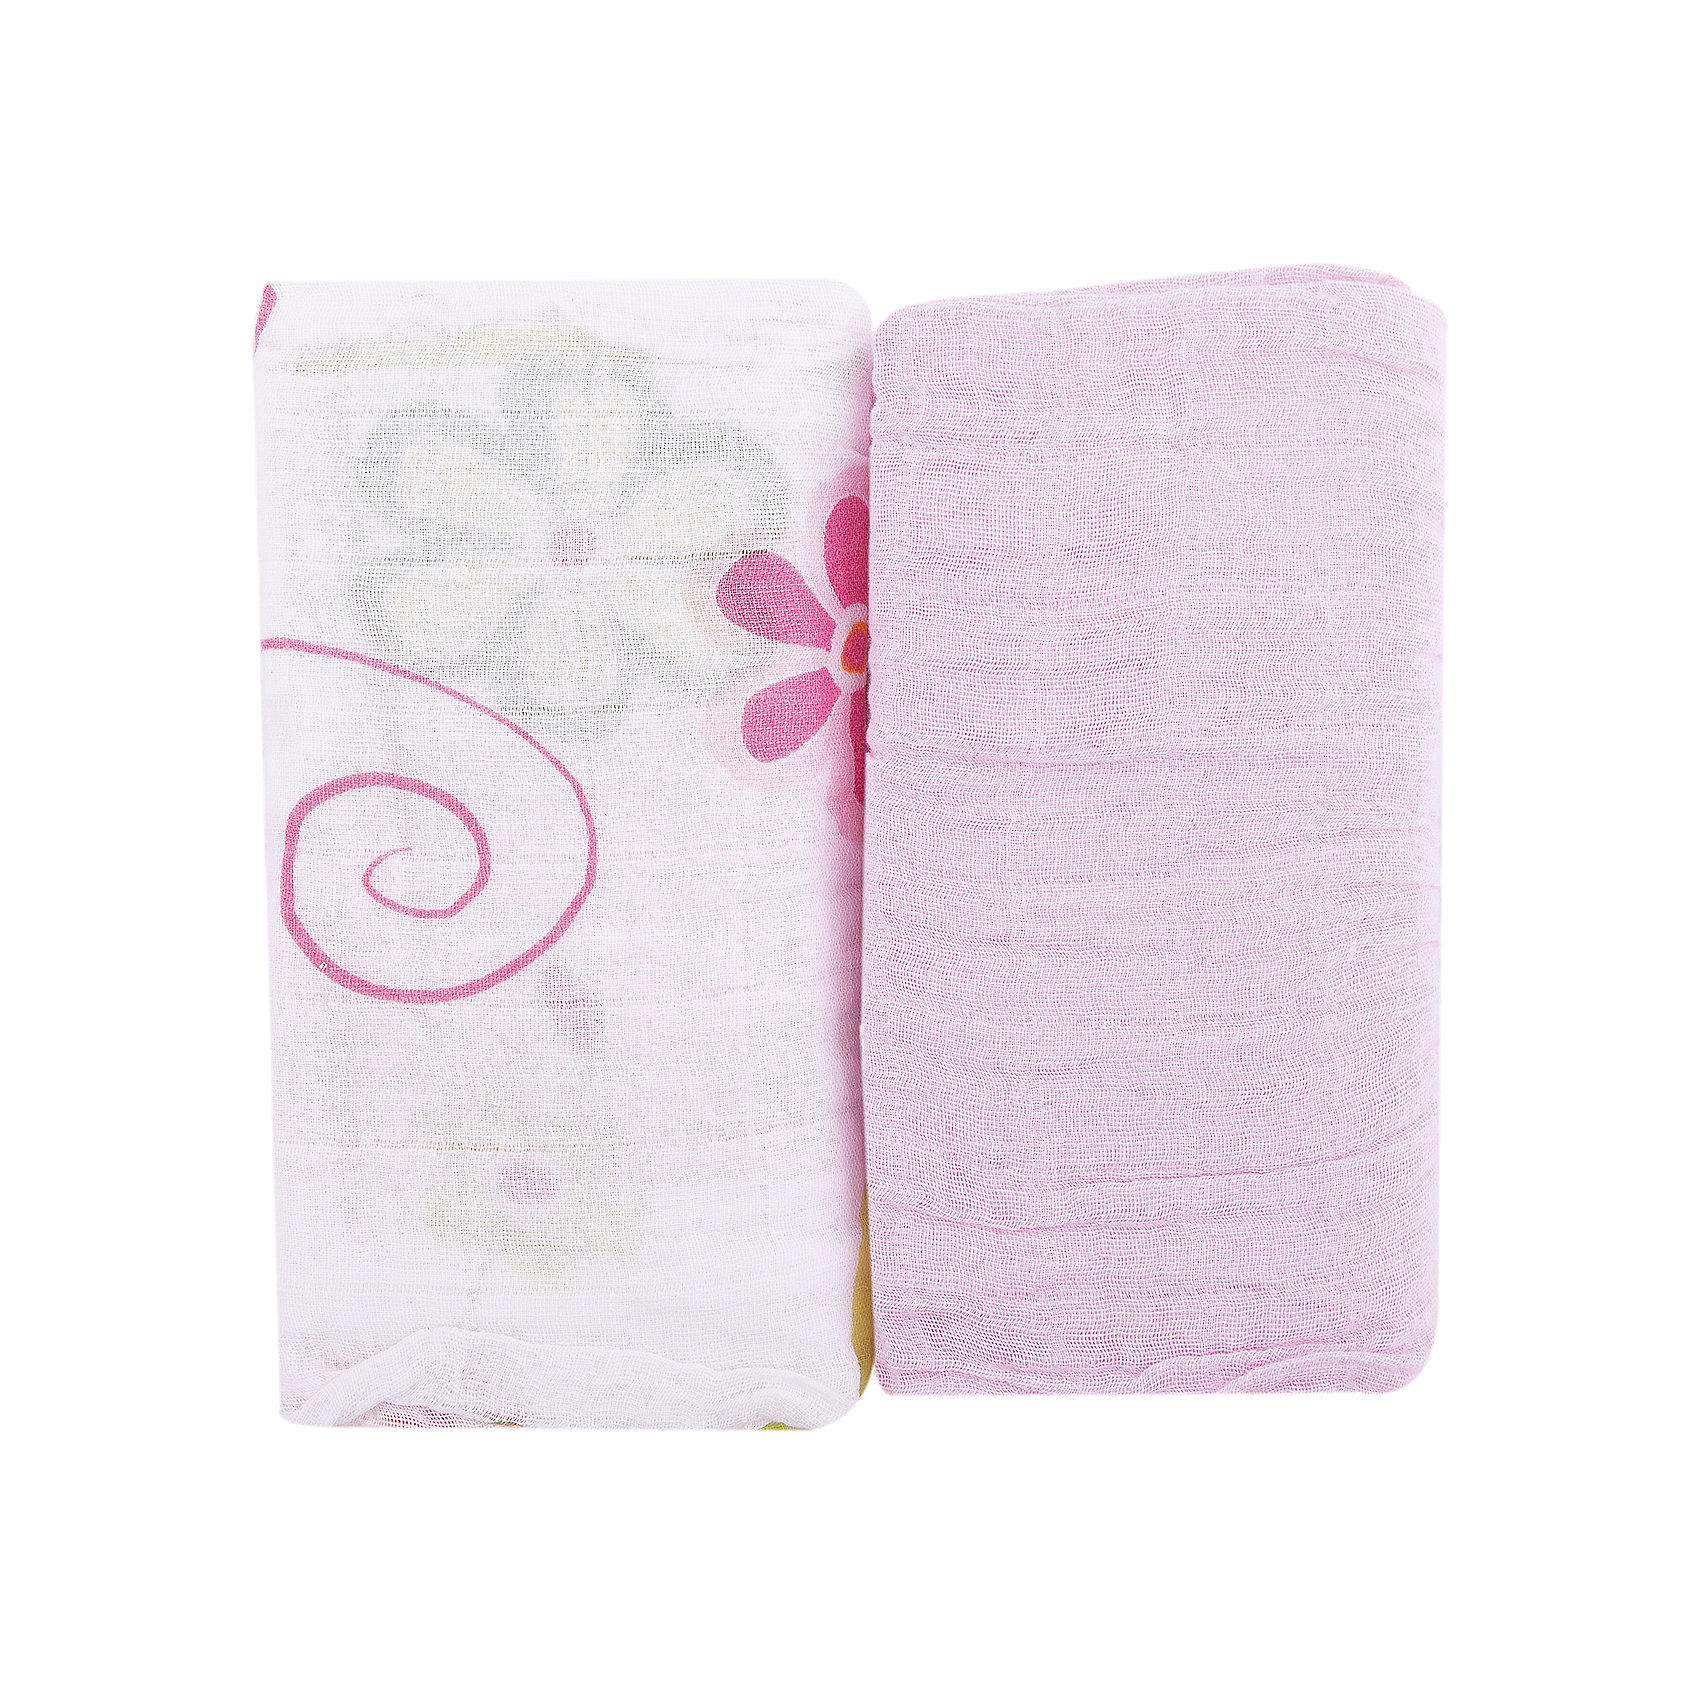 Муслиновые пеленки, Baby Nice, розовый (2 шт.)Пеленание<br>Муслиновые пеленки, Baby Nice (Беби Найс), розовый – это две красивые пеленки необыкновенно мягкие и приятные для кожи младенца.<br>Пеленки из мягкого и дышащего муслинового хлопка идеально подходят для пеленания новорожденных. В них вашему малышу будет комфортно и тепло. Муслин – это легкая, дышащая и мягкая хлопковая ткань. Особенно рекомендуются для естественного пеленания для детей с очень чувствительной кожей склонной к раздражениям. Муслин лучше всех прочих материалов использующихся в производстве детских пеленок впитывает влагу. Благодаря тонкому, но при этом очень прочному плетению нитей, ткань хорошо растягивается, не сковывает движений и не препятствует циркуляции воздуха вокруг тела малыша. Пеленки из муслина многофункциональны - их можно использовать как легкий плед в кроватку или коляску в жаркую погоду, как полотенце для обтирания малыша после купания и непосредственно для пеленания. Изделия из муслинового хлопка быстро сохнут, не требуют глажки, стираются в стиральной машине при температуре не более 30С.<br><br>Дополнительная информация:<br><br>- В комплекте: 2 пеленки<br>- Размер: 115х115 см.<br>- Материал: 100% муслиновый хлопок<br>- Цвет: розовый<br>- Хорошая воздухопроницаемость и гигроскопичность<br>- Предназначены для круглогодичного использования<br>- Ткань сохраняет свои свойства даже после многочисленных стирок<br>- Идеальны для комфортного сна ребенка<br>- Уникальный стильный и модный дизайн<br><br>Муслиновые пеленки, Baby Nice (Беби Найс), розовые можно купить в нашем интернет-магазине.<br><br>Ширина мм: 400<br>Глубина мм: 400<br>Высота мм: 40<br>Вес г: 380<br>Возраст от месяцев: 0<br>Возраст до месяцев: 5<br>Пол: Женский<br>Возраст: Детский<br>SKU: 3859421